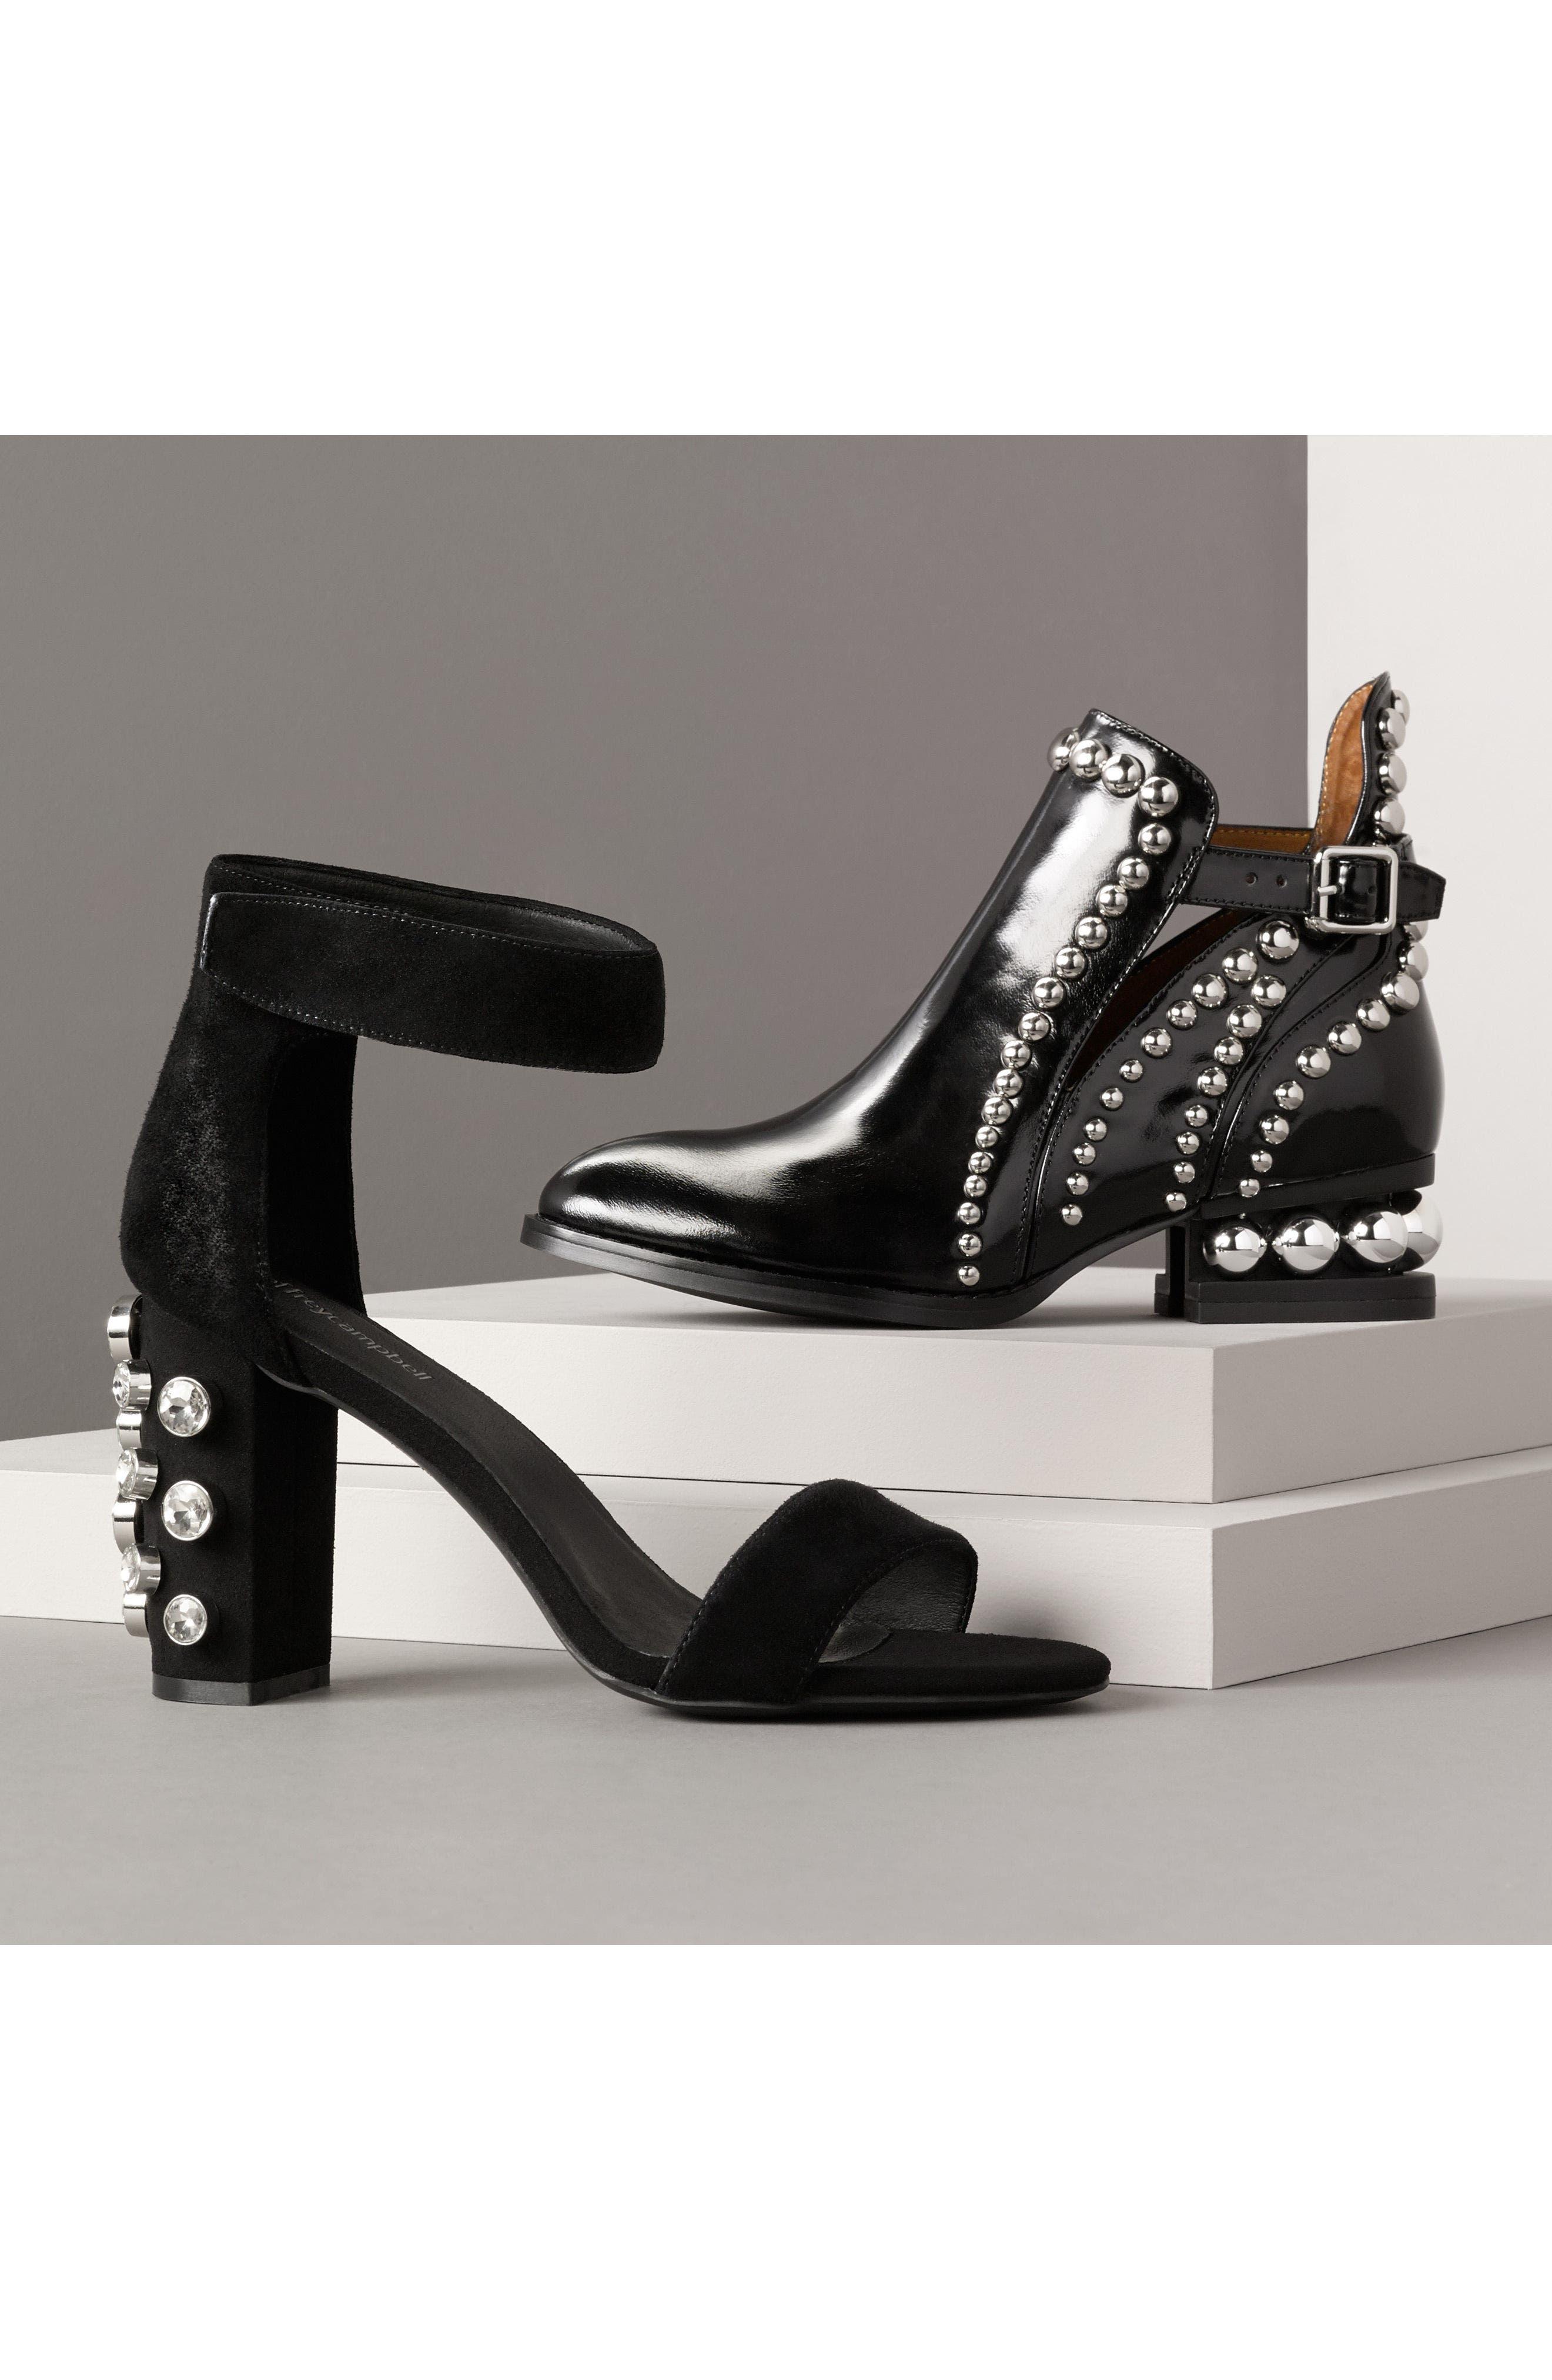 jeffrey campbell rylance studded bootie black box silver. Black Bedroom Furniture Sets. Home Design Ideas